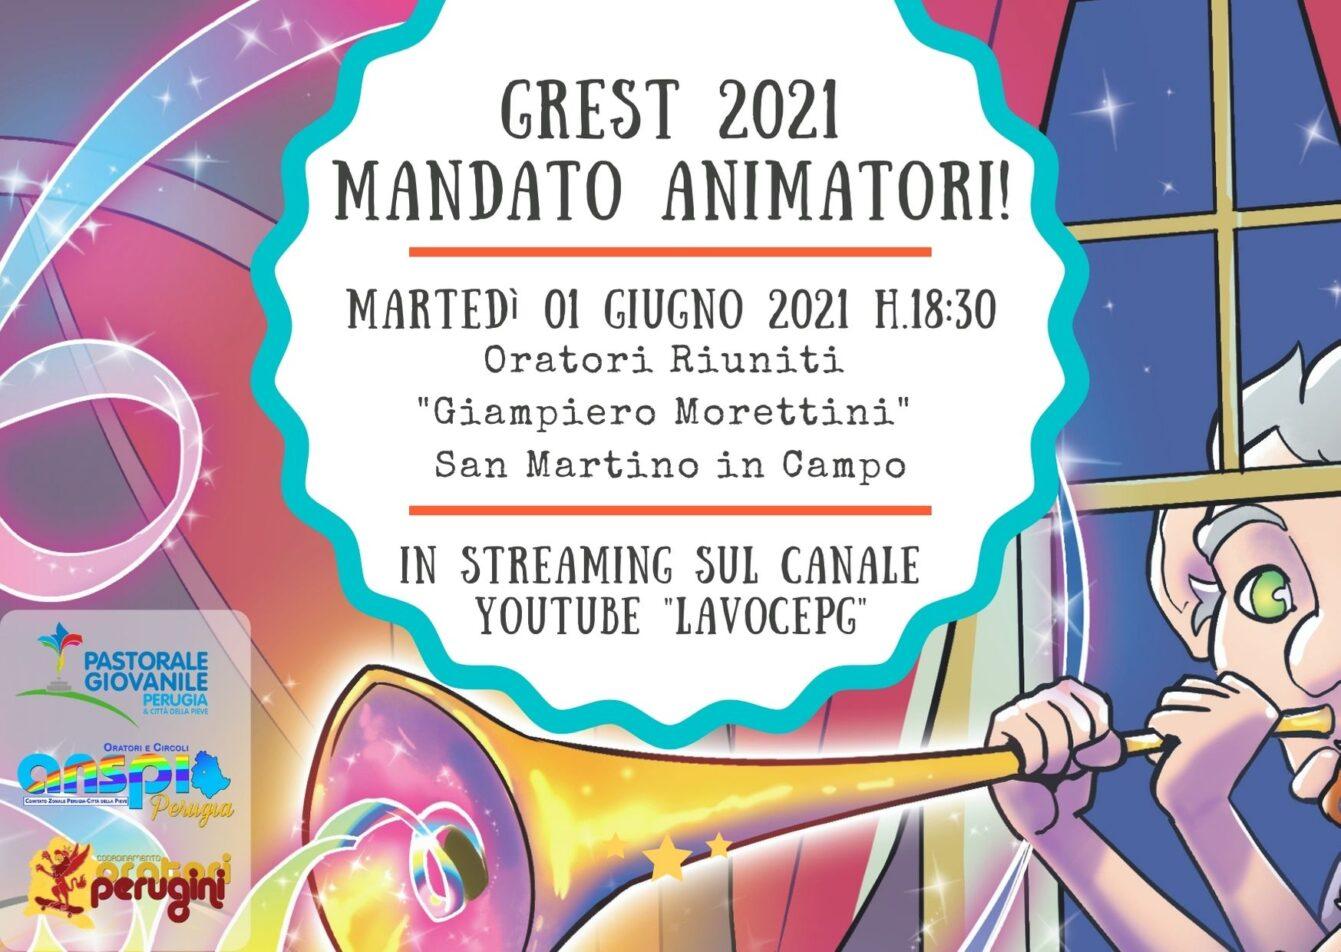 PROMO Mandato animatori 2021